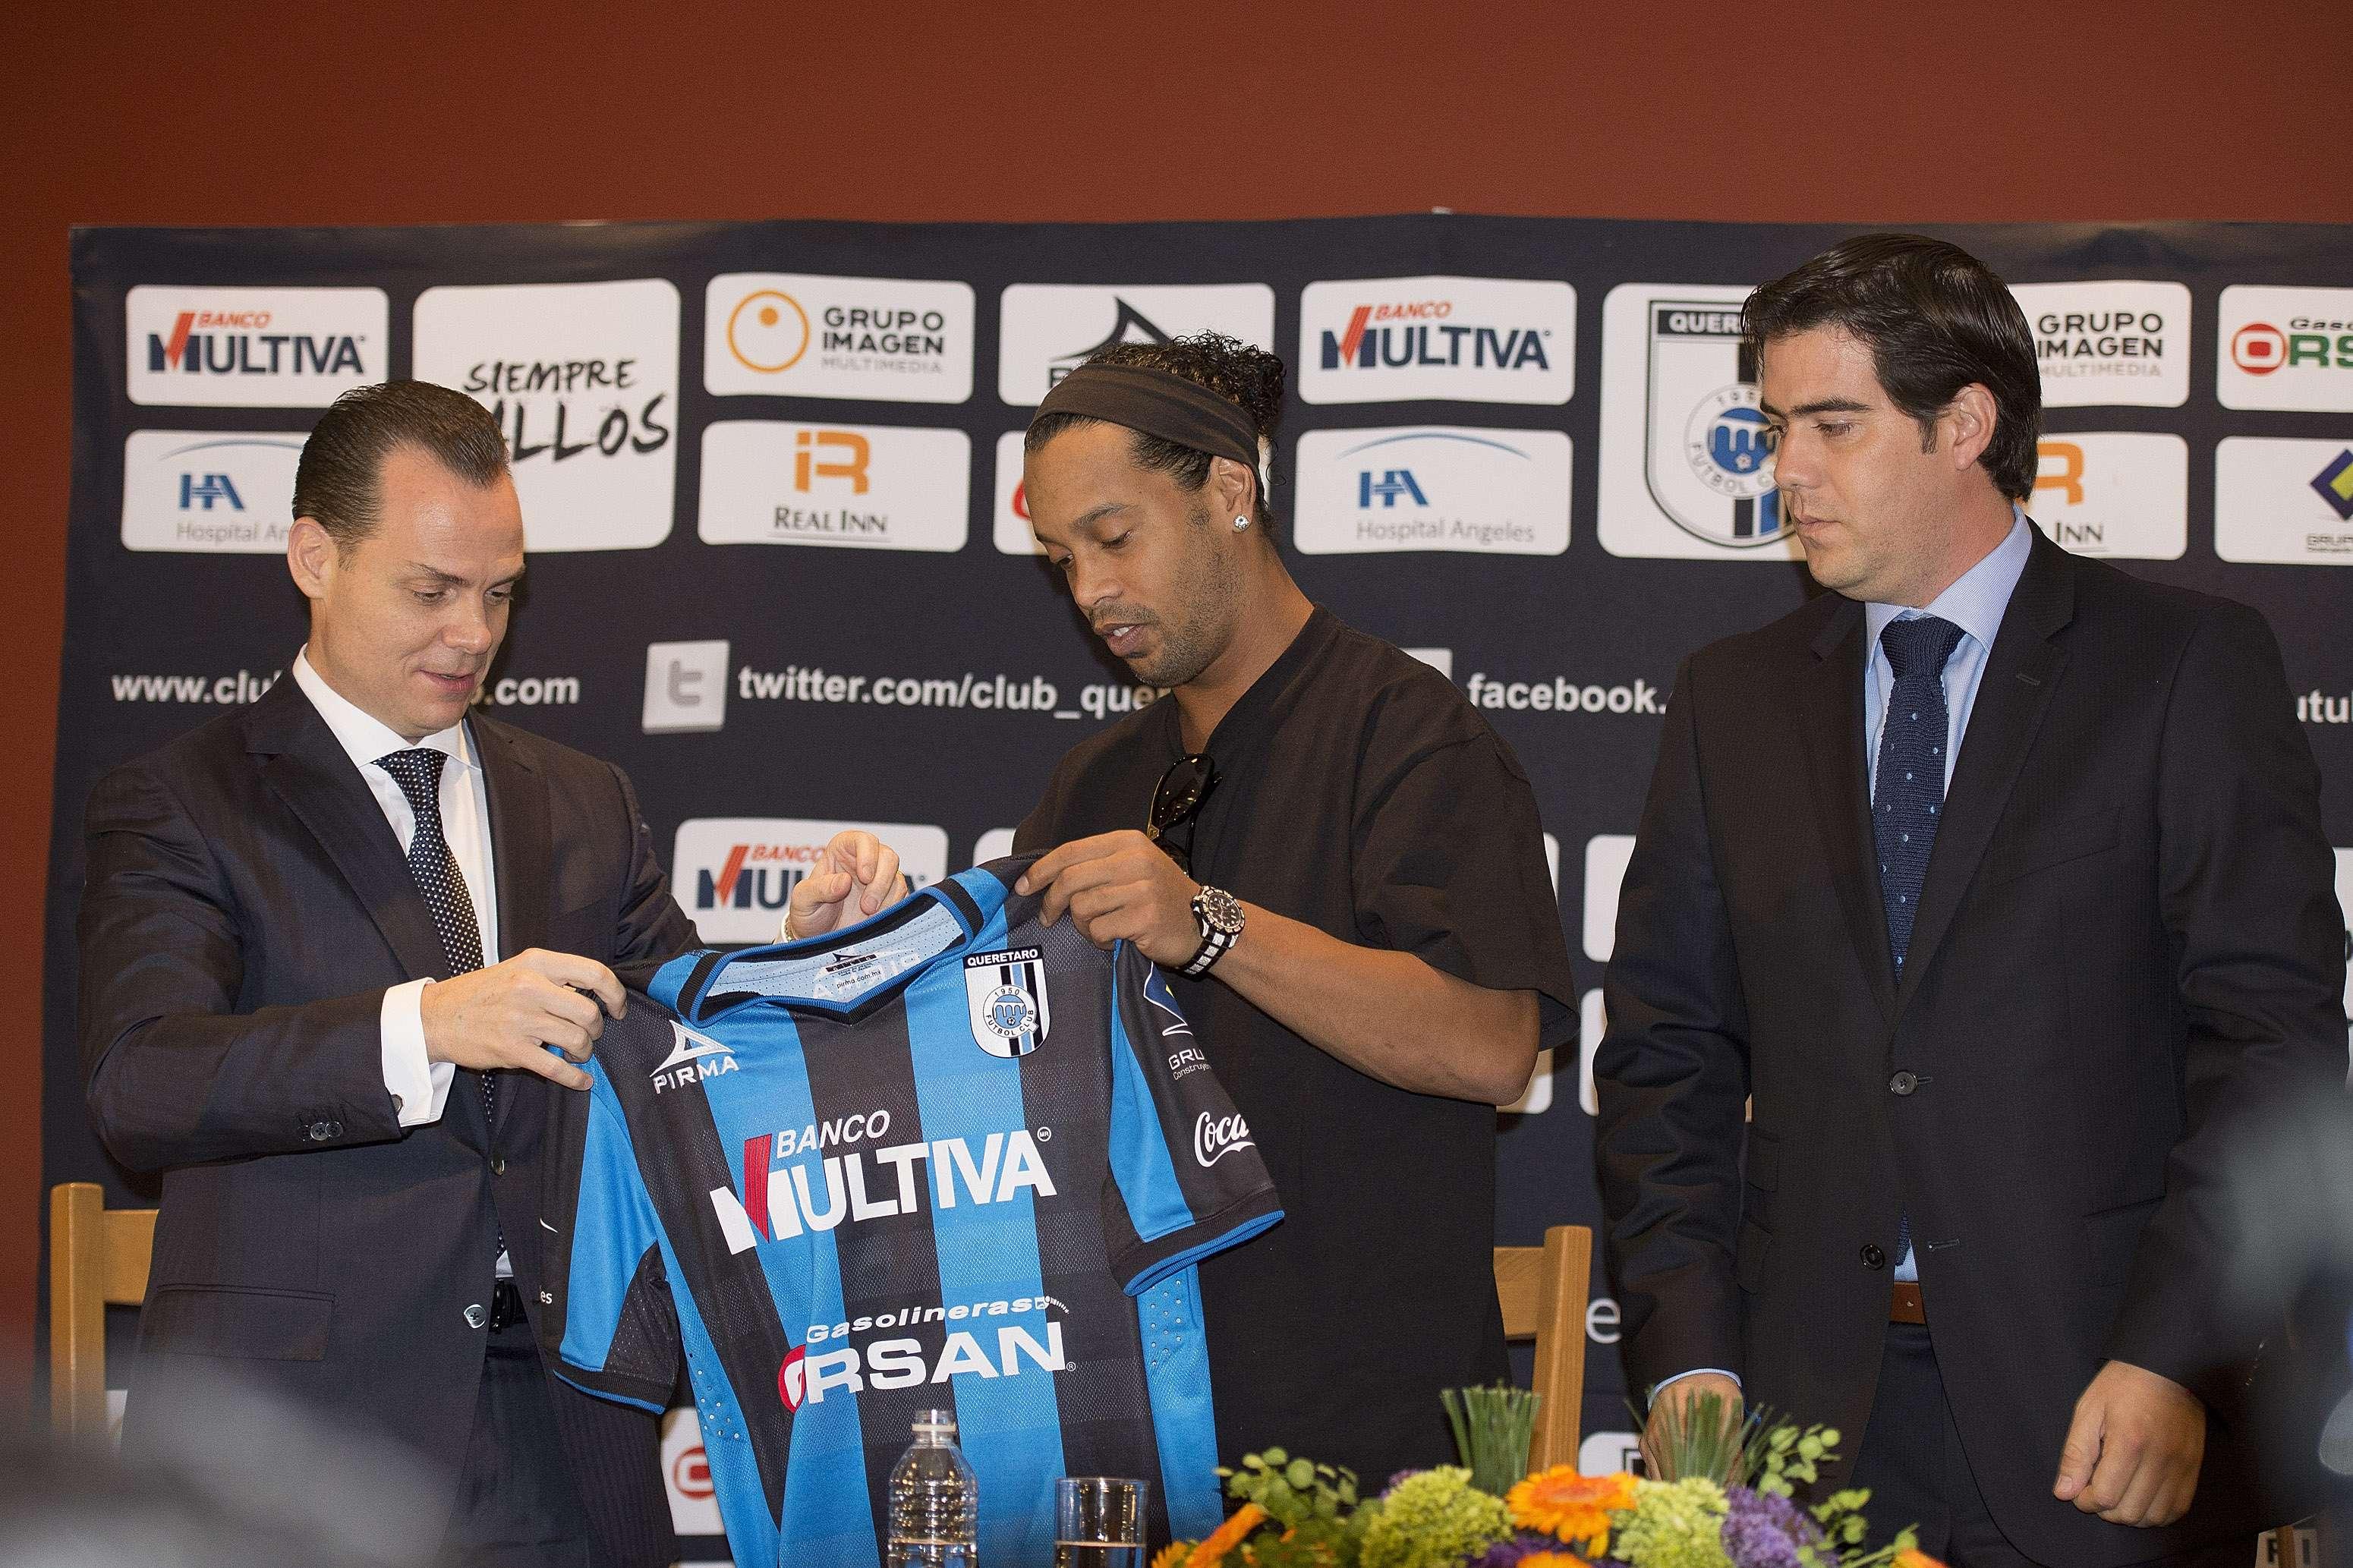 """Ronaldinho fue presentado oficialmente como nuevo jugador del Querétaro. El brasileño ofreció una conferencia de prensa en un hotel de la Ciudad de México y vistió por primera vez la camiseta de los """"Gallos Blancos"""" con el número 49. Foto: Mexsport"""